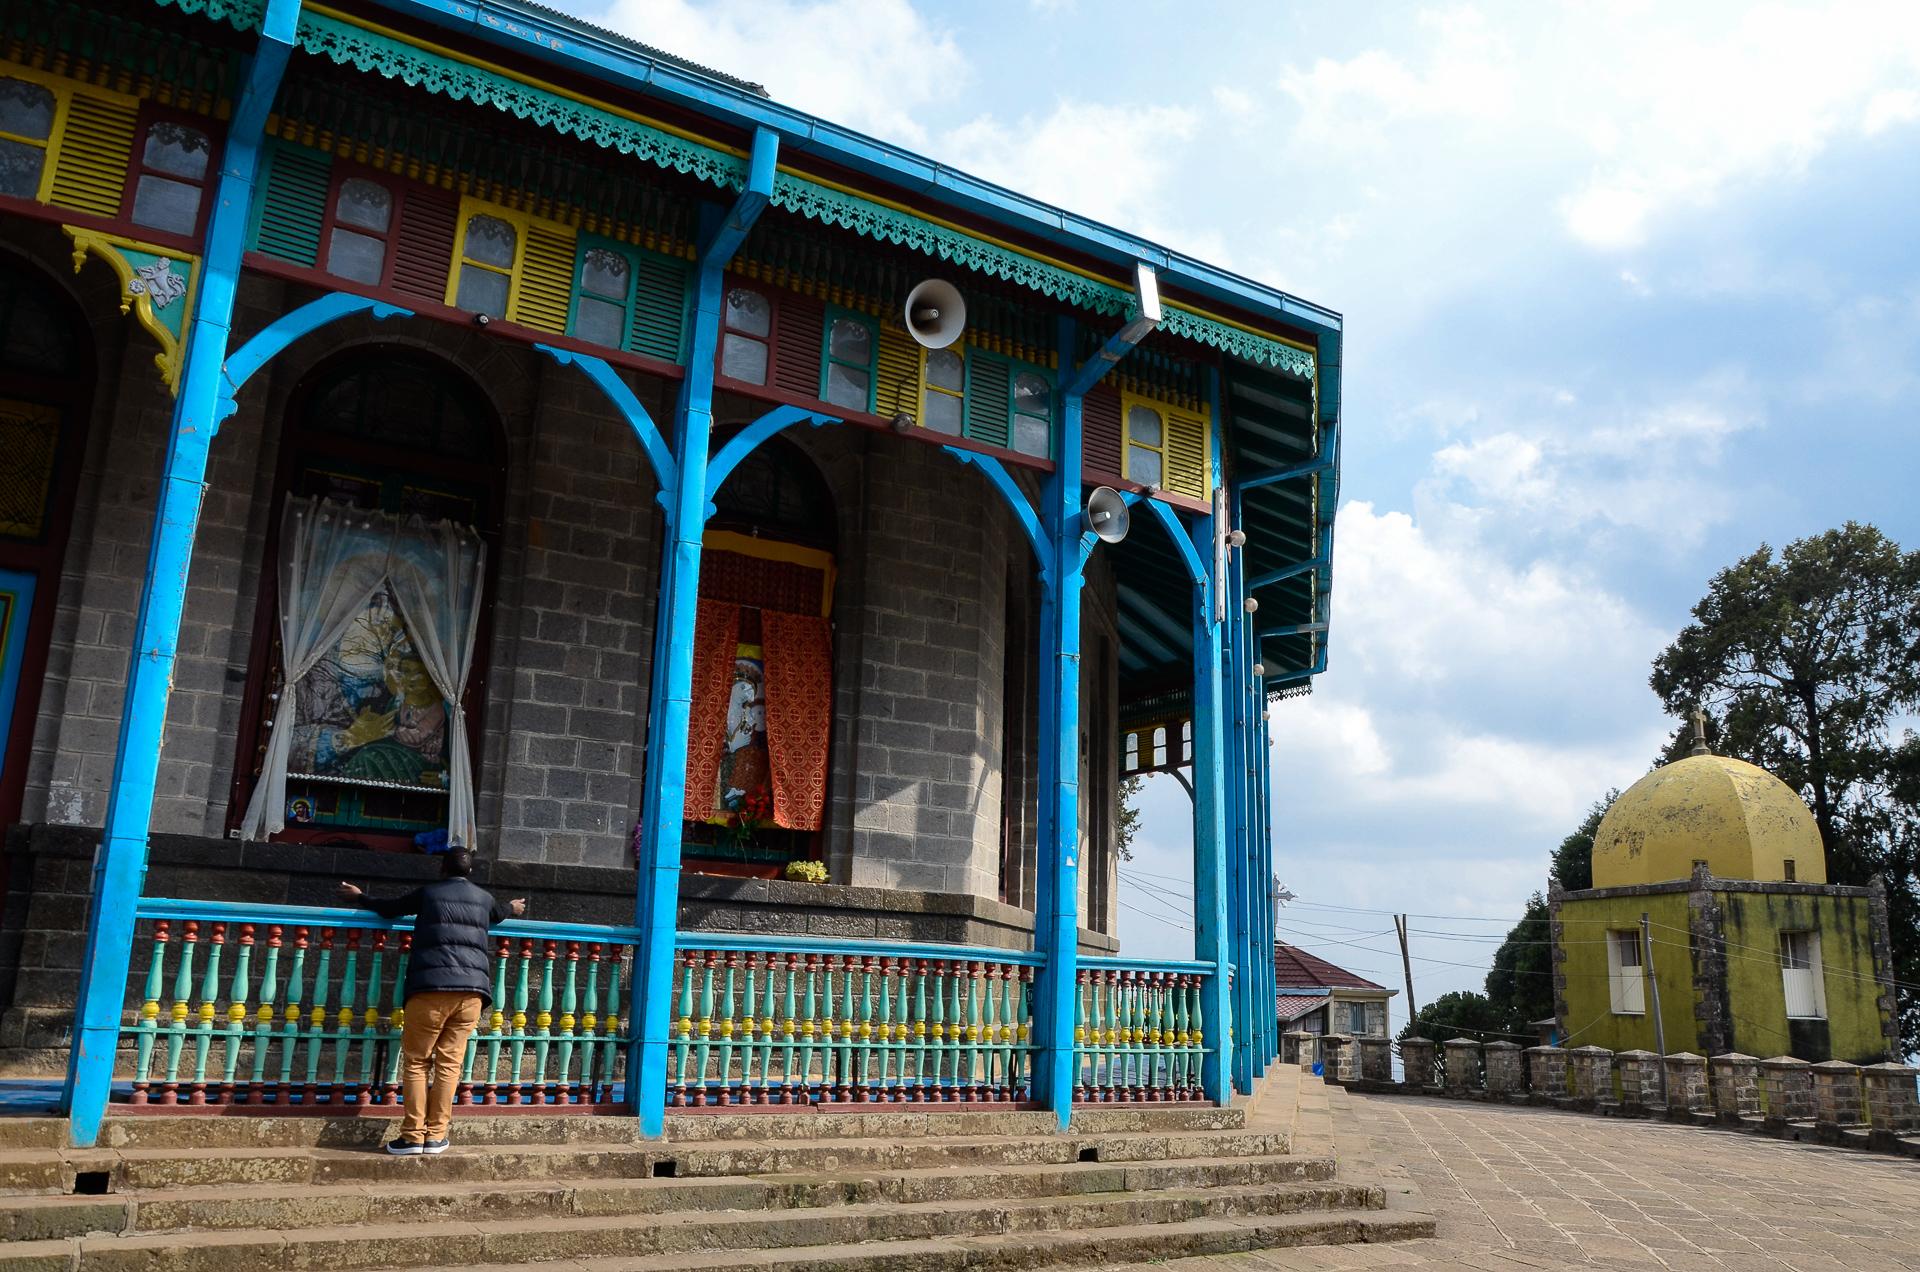 Eglise Entoto Addis Abeba